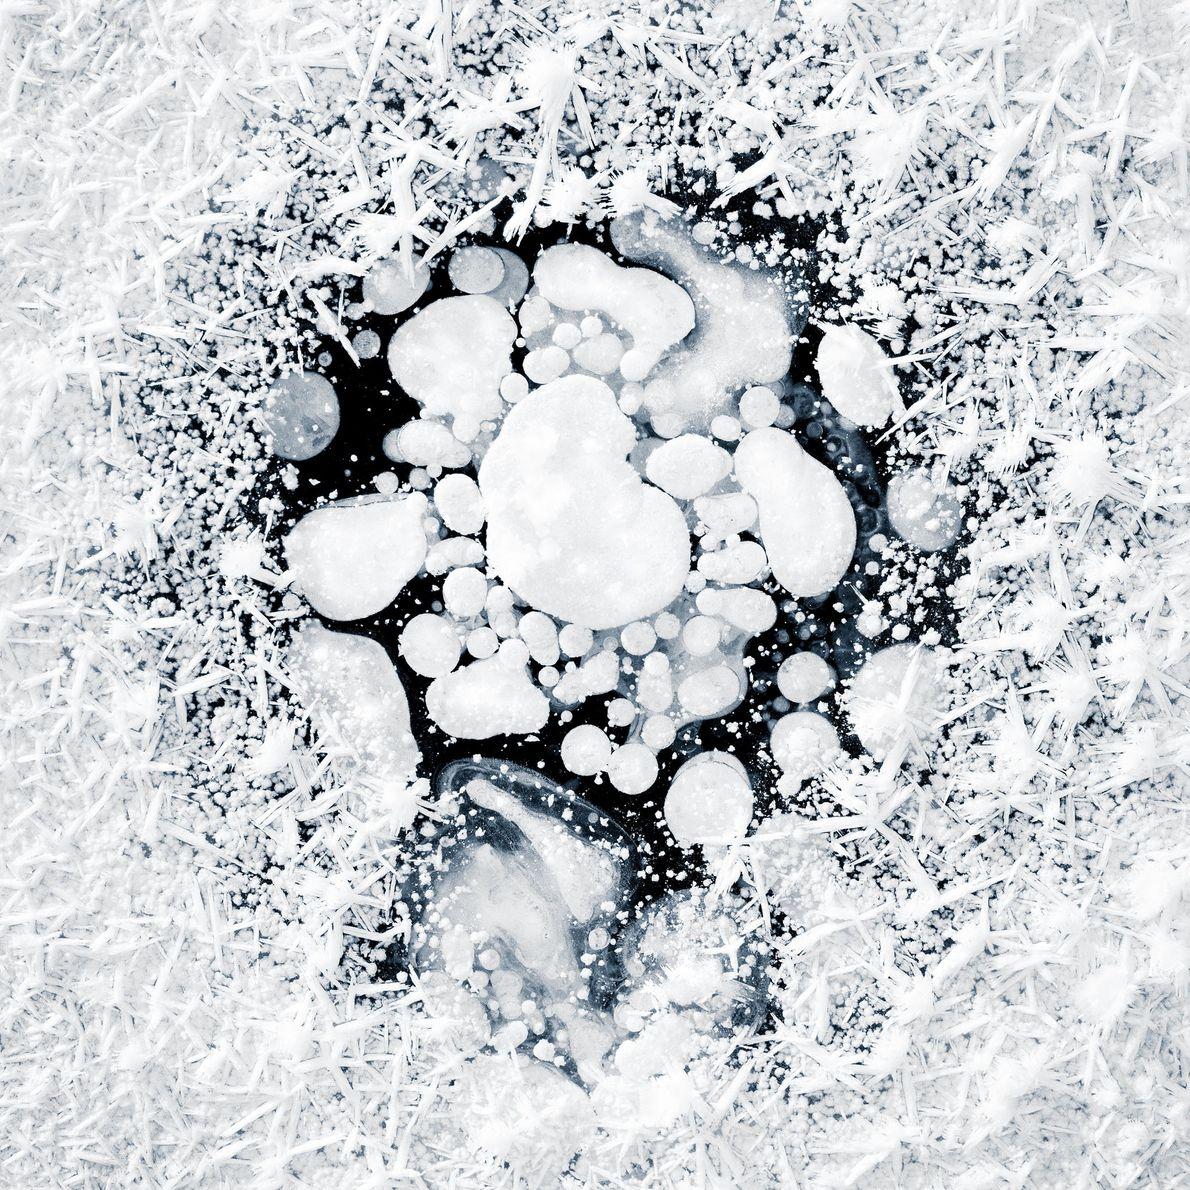 Kajita donne une explication scientifique du phénomène observé dans les photos de sa série Ice Formations, ...